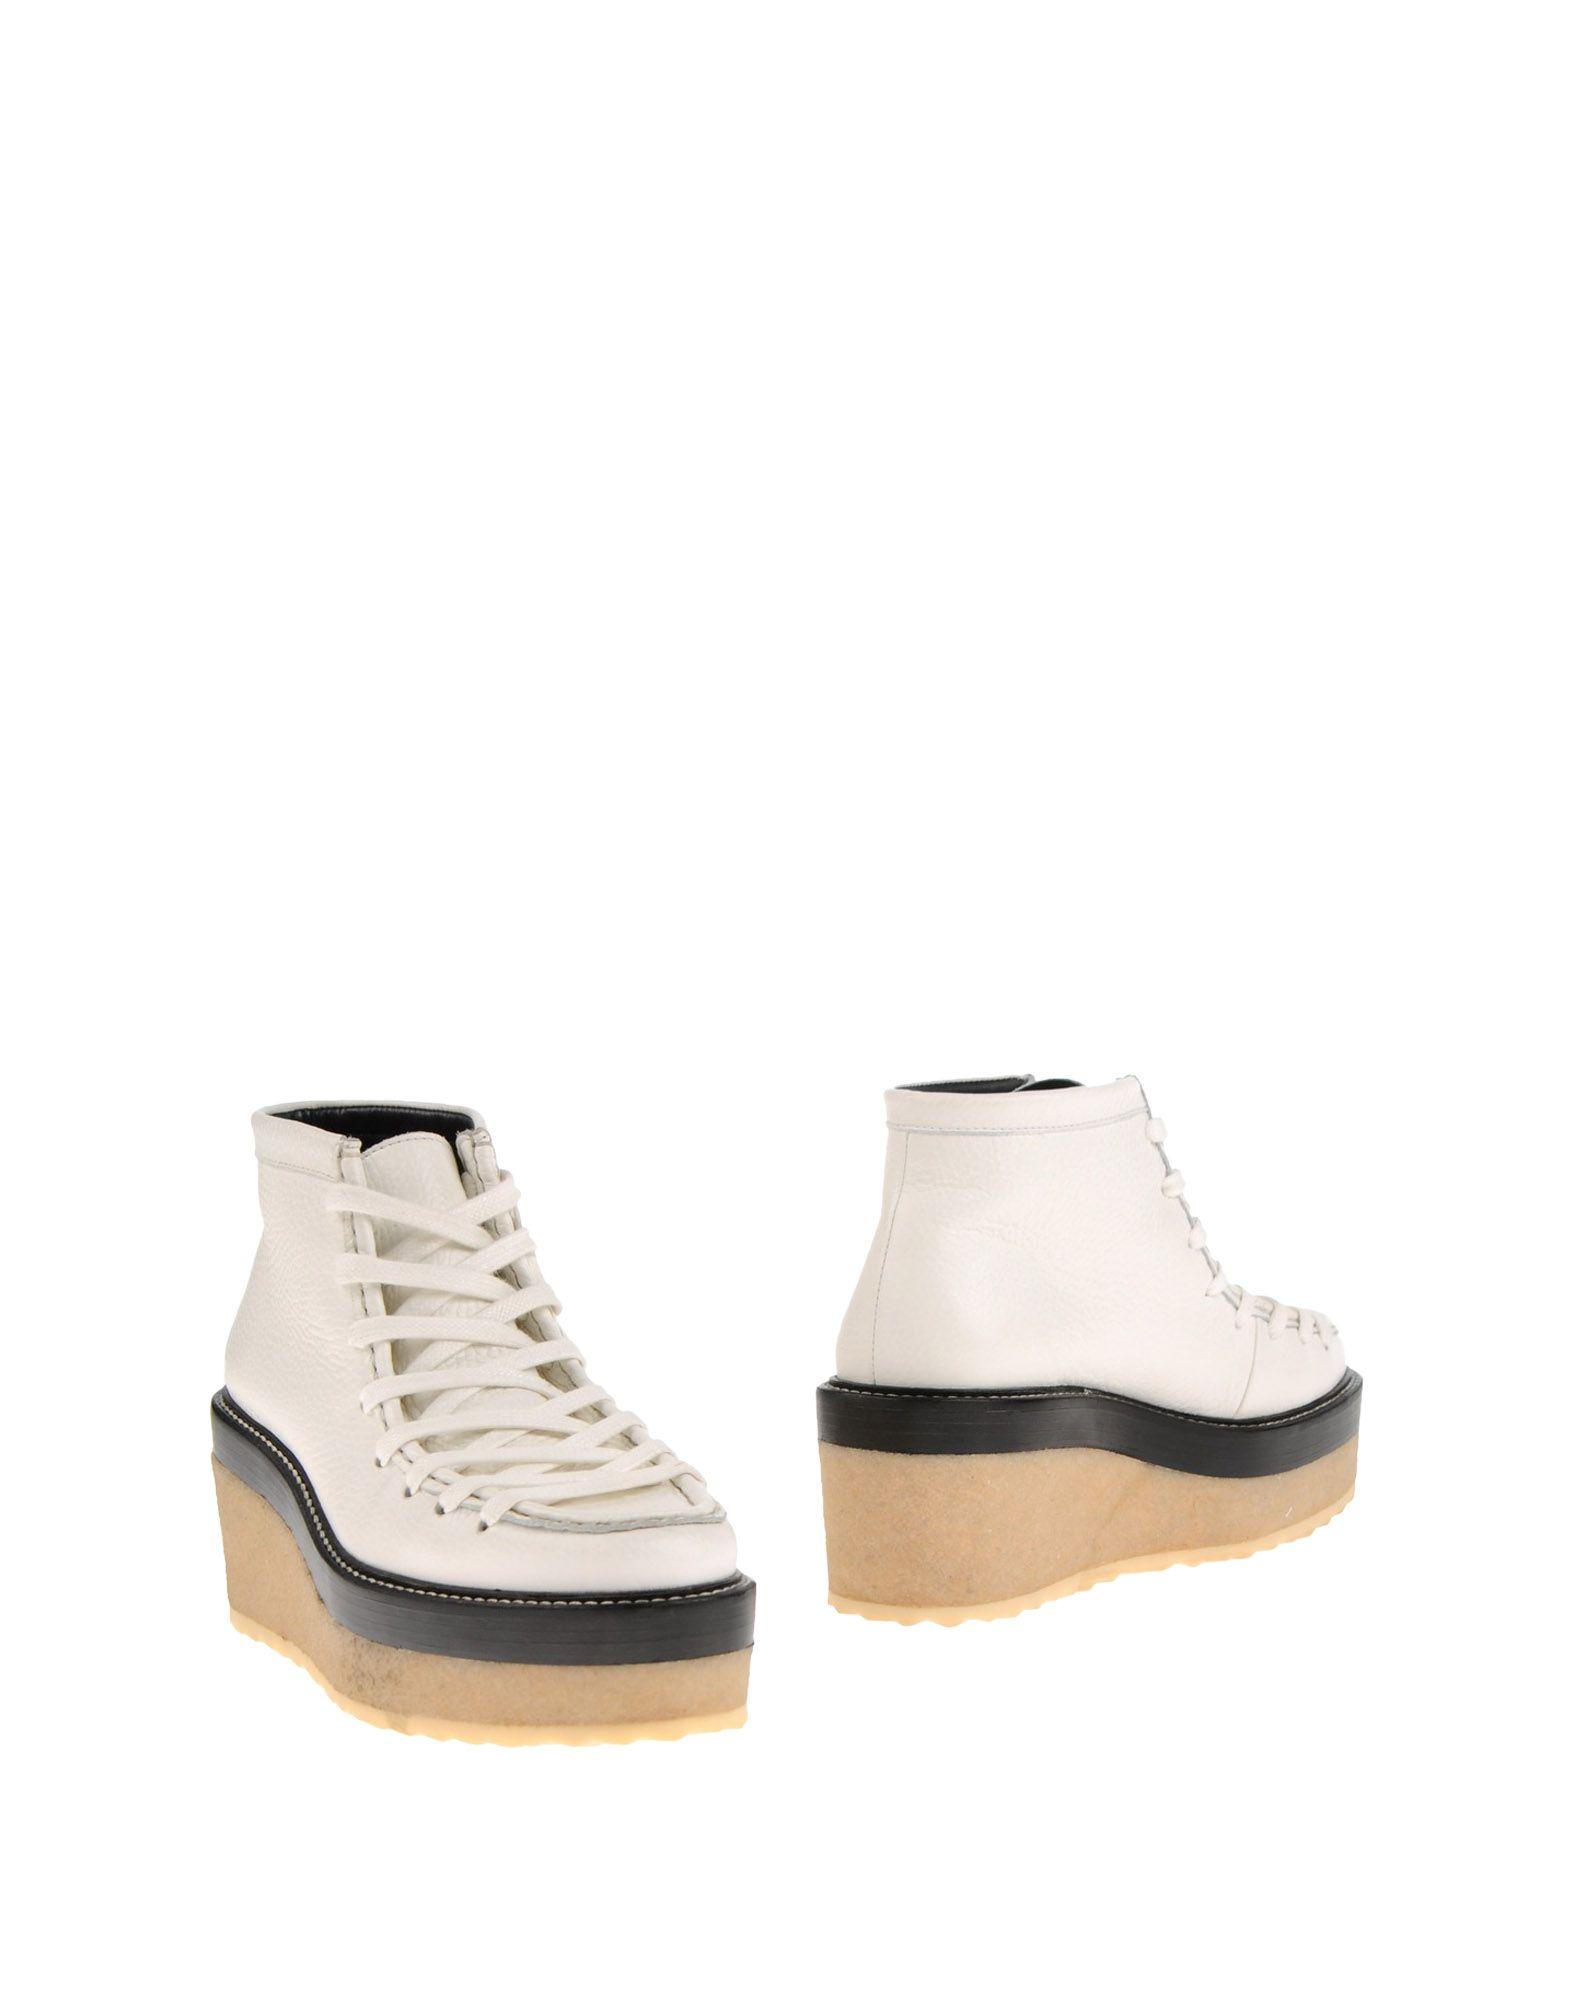 Rabatt Schuhe Pierre Hardy Stiefelette Damen  11241744VN